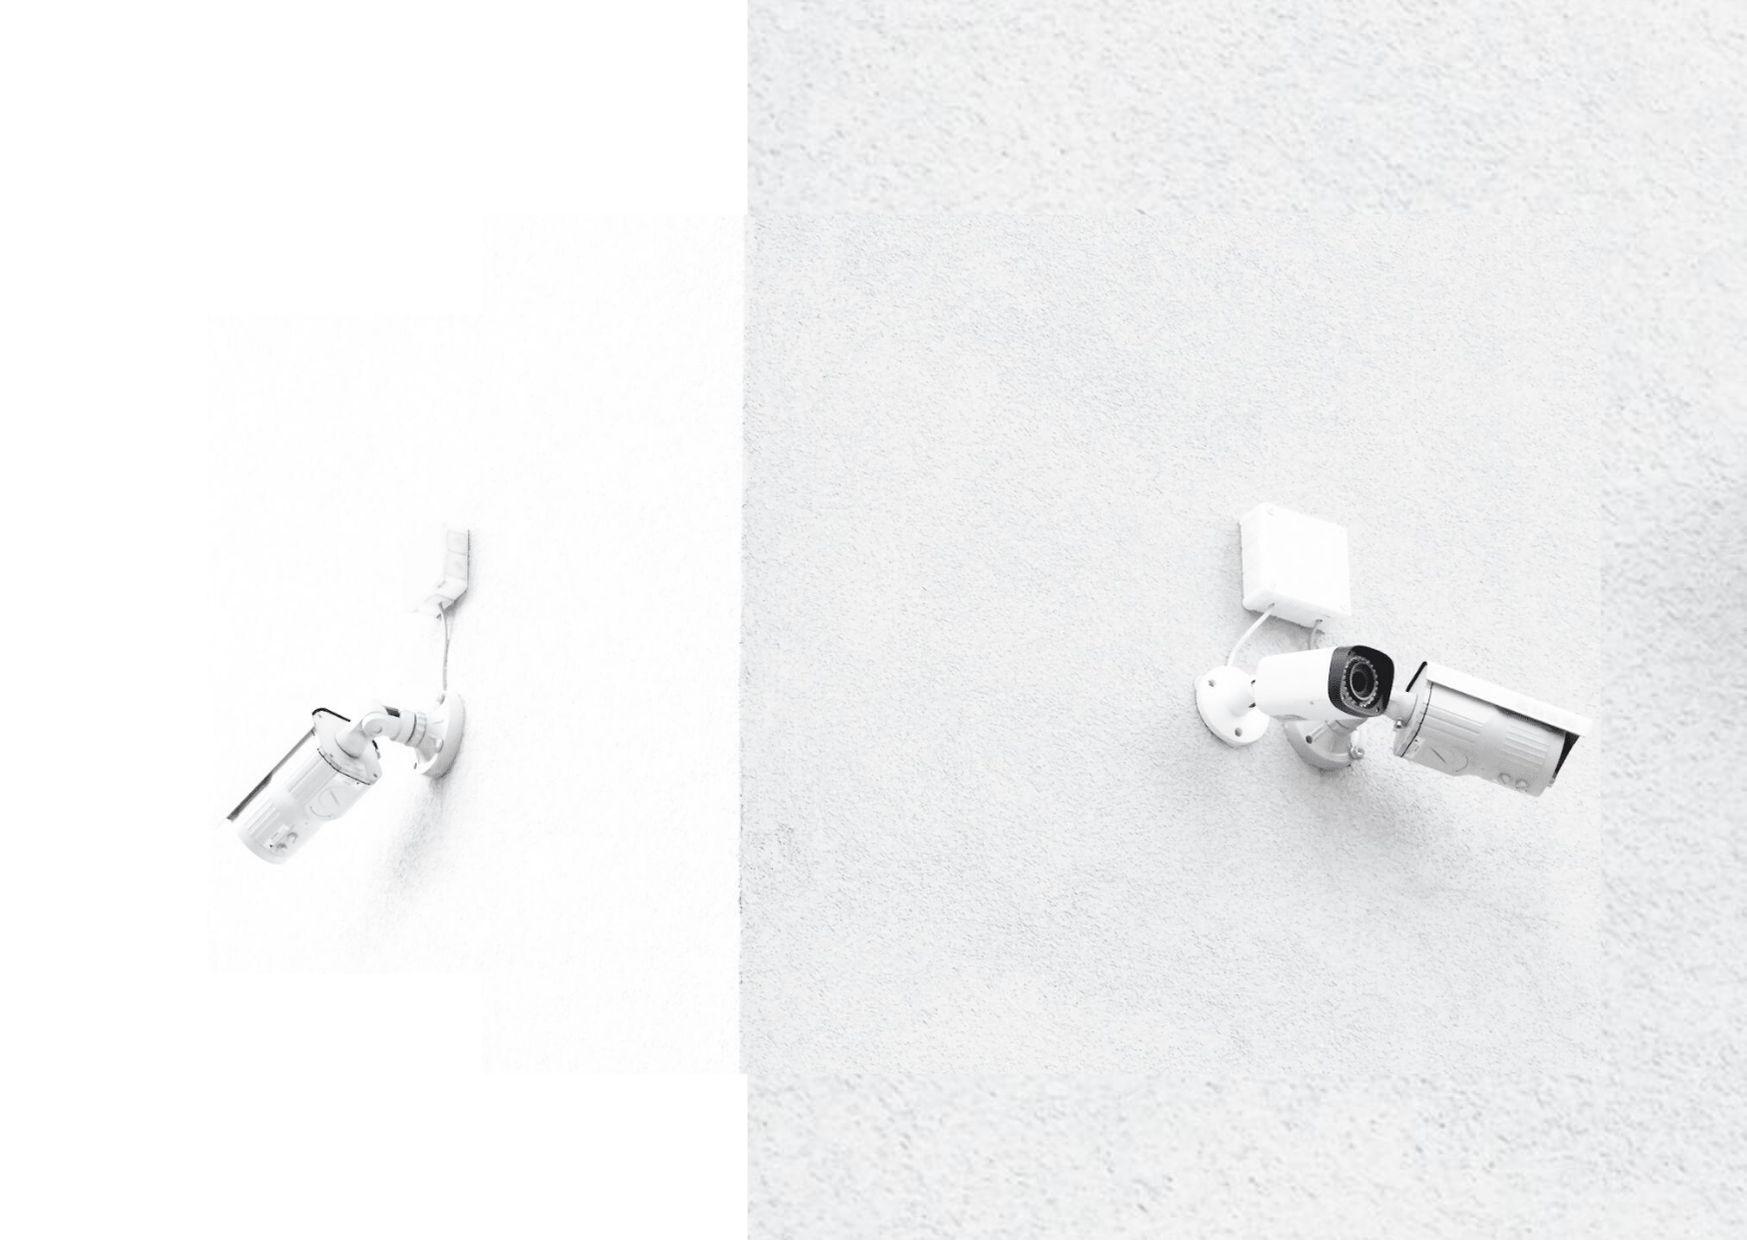 cámara alarmas solutions sistemas seguridad videovigilancia